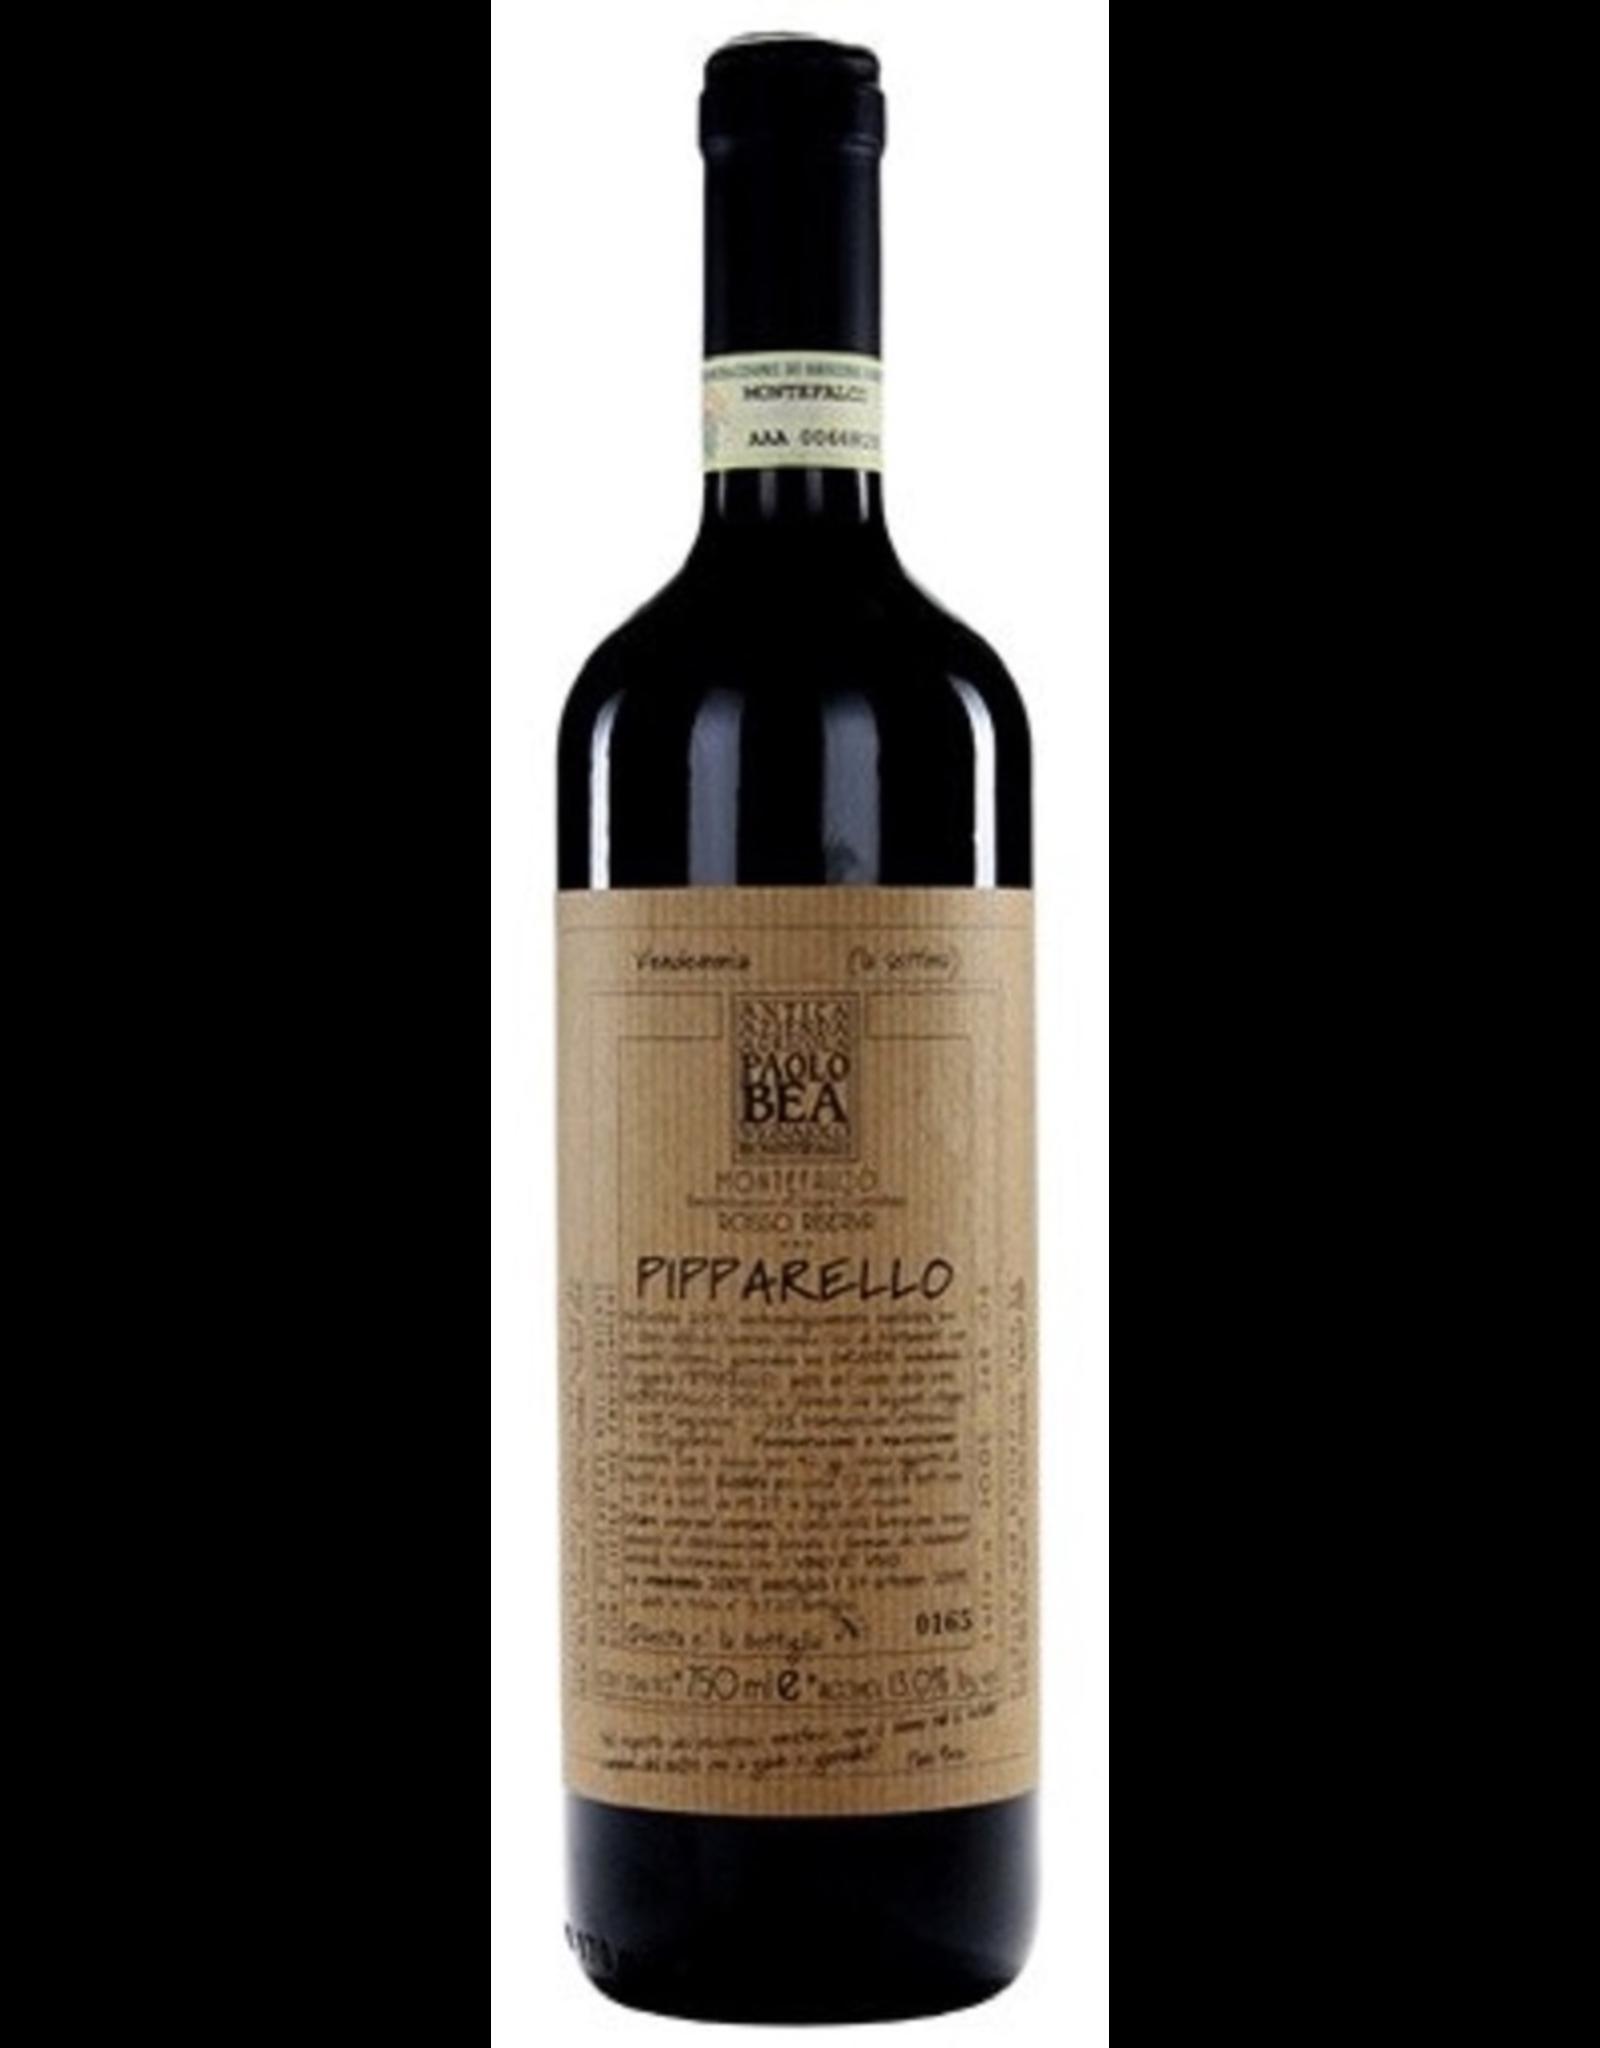 Red Wine 2015, Paolo Bea Pipparello, Sangiovese Sagrantino Montepulciano, Montefalco, Umbria, Italy, 15% Alc, CTnr